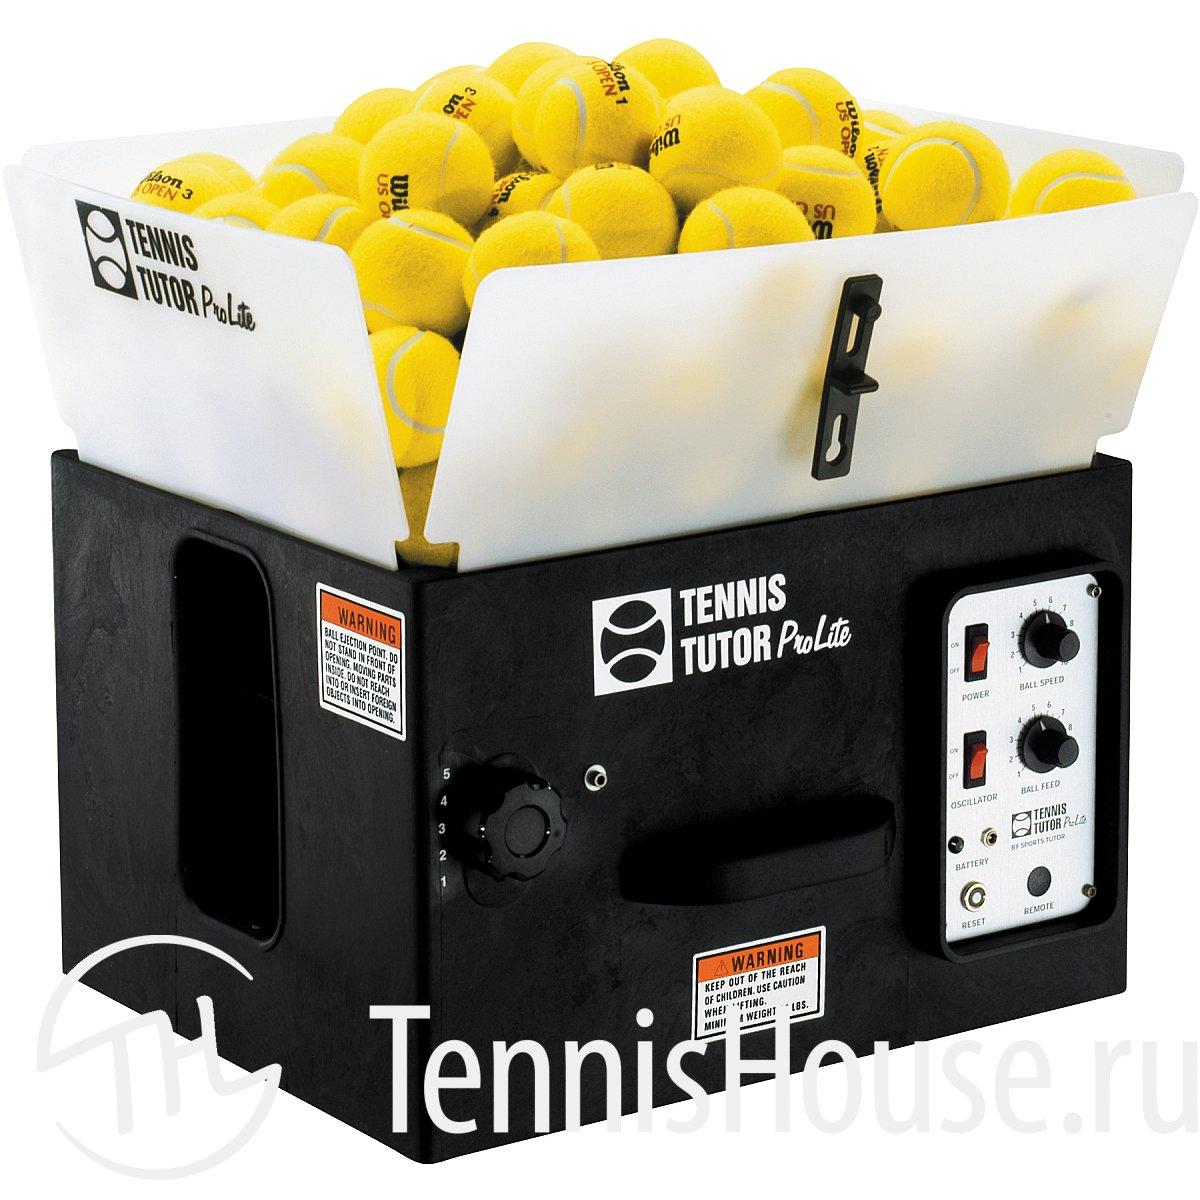 Теннисная пушка Tennis Tutor ProLite Basic, без поворотного механизма 41520